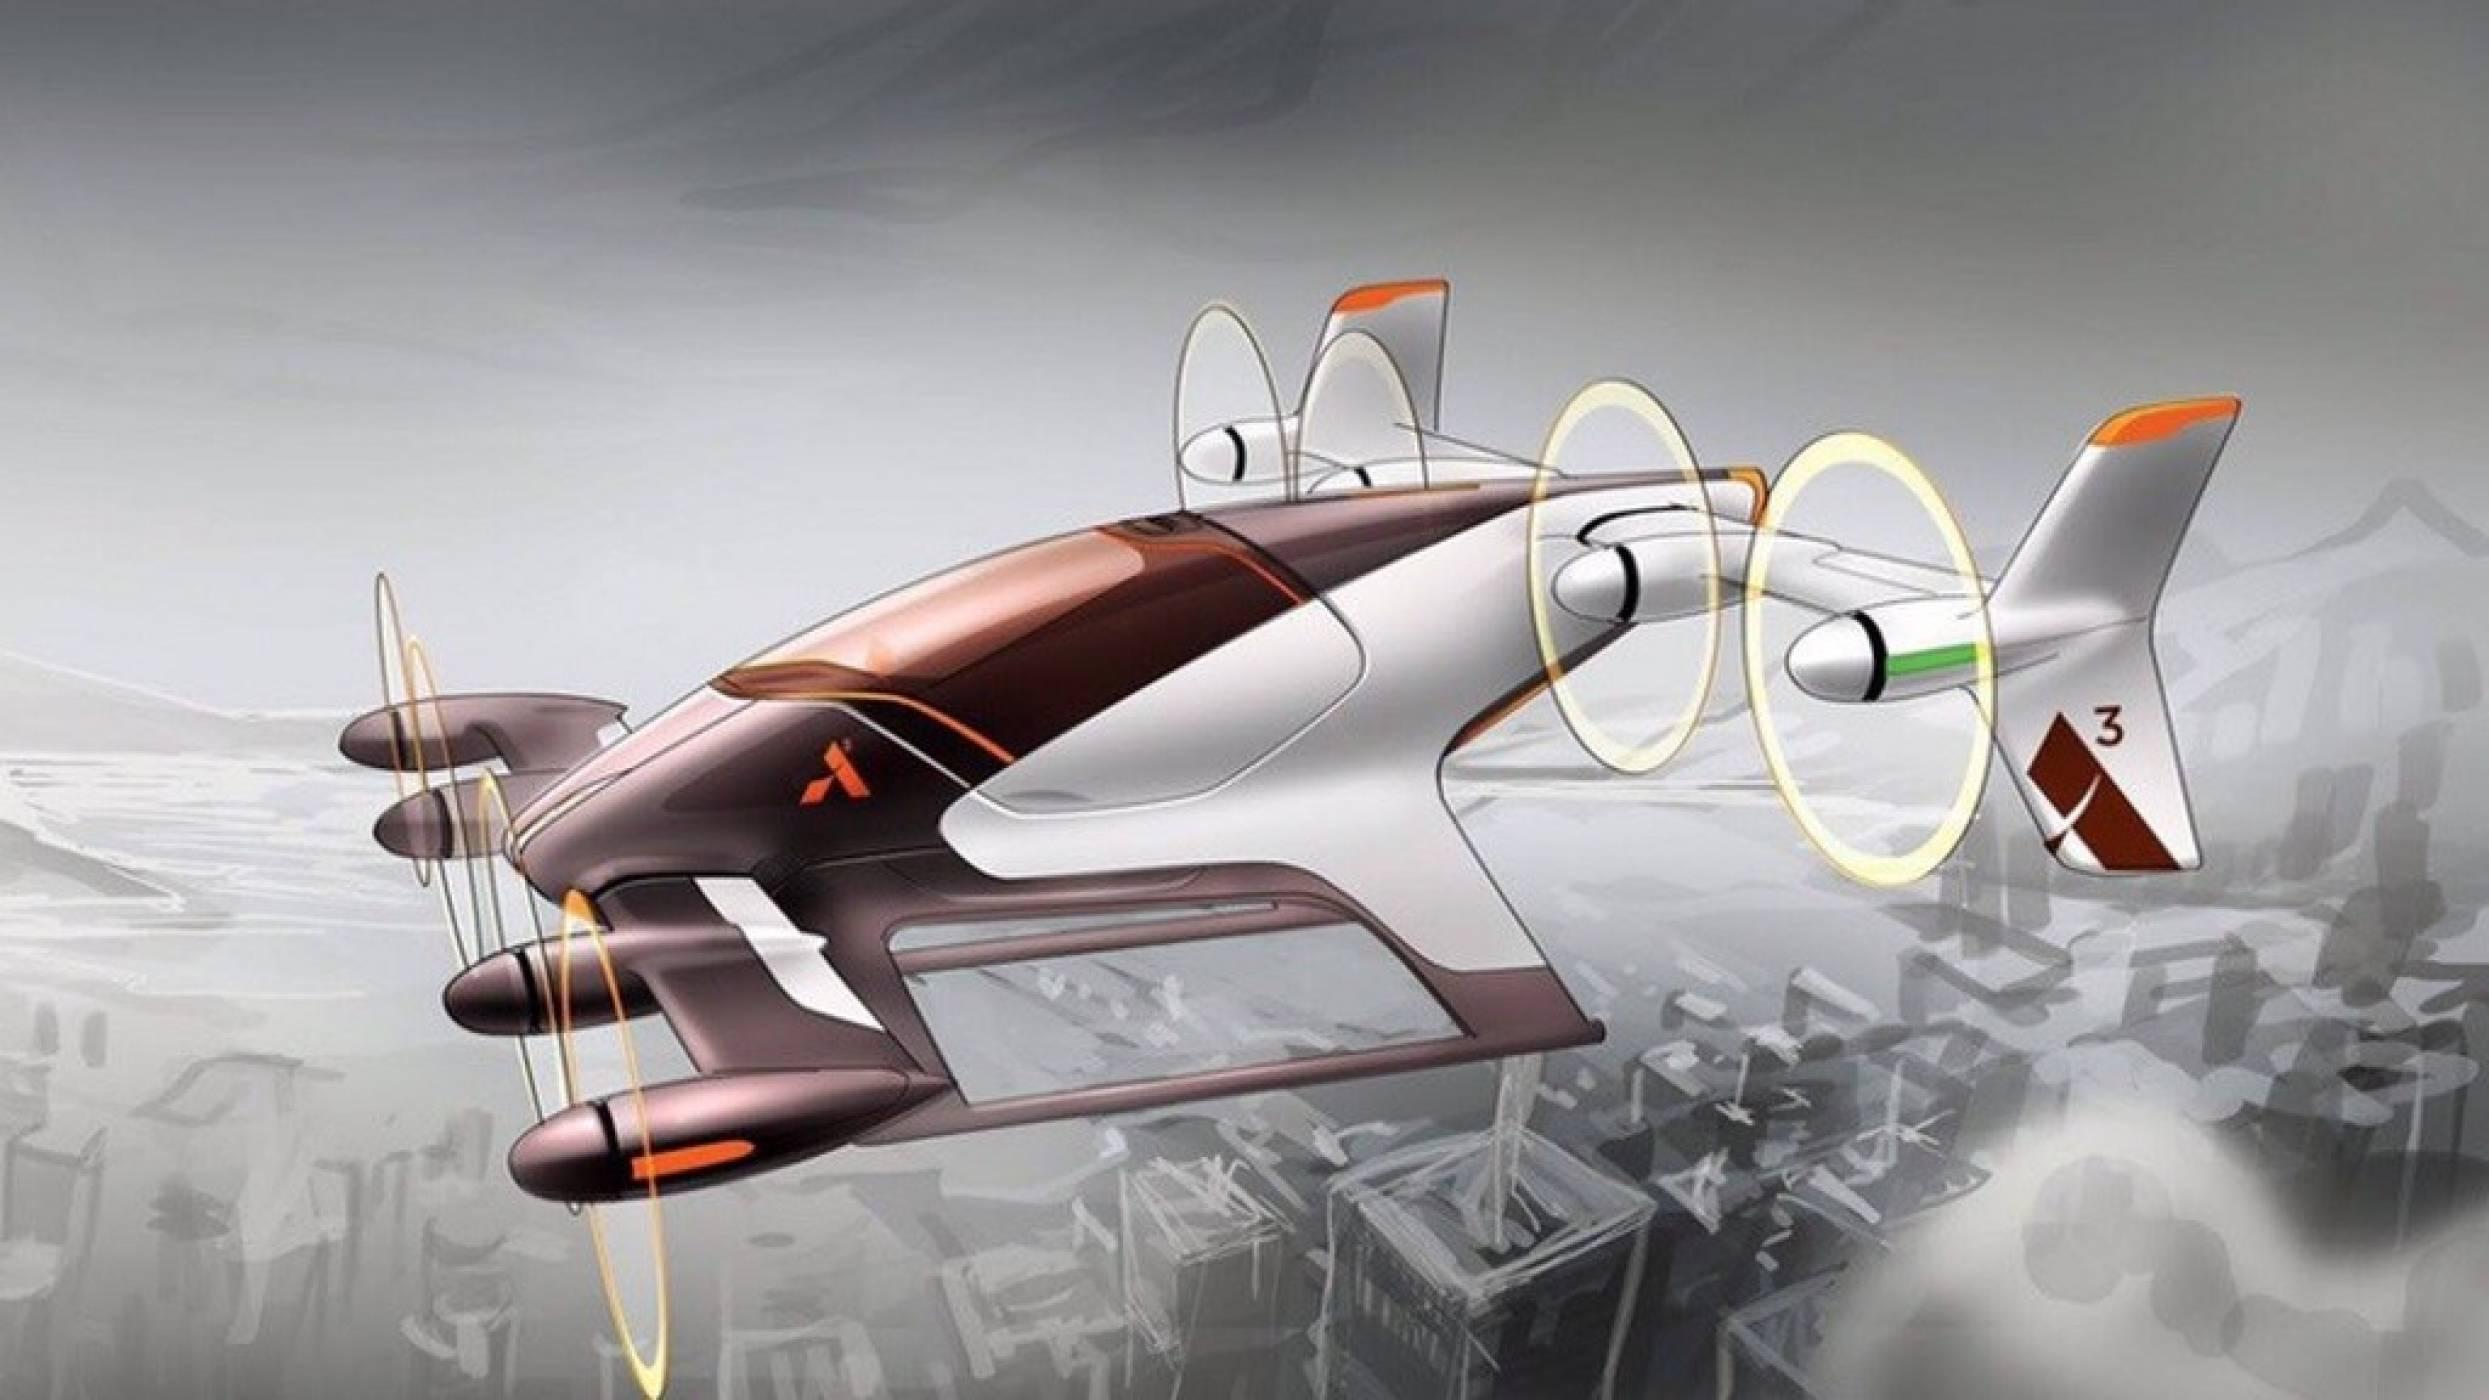 Новото летящо такси Airbus Vahana се издигна във въздуха за първи път